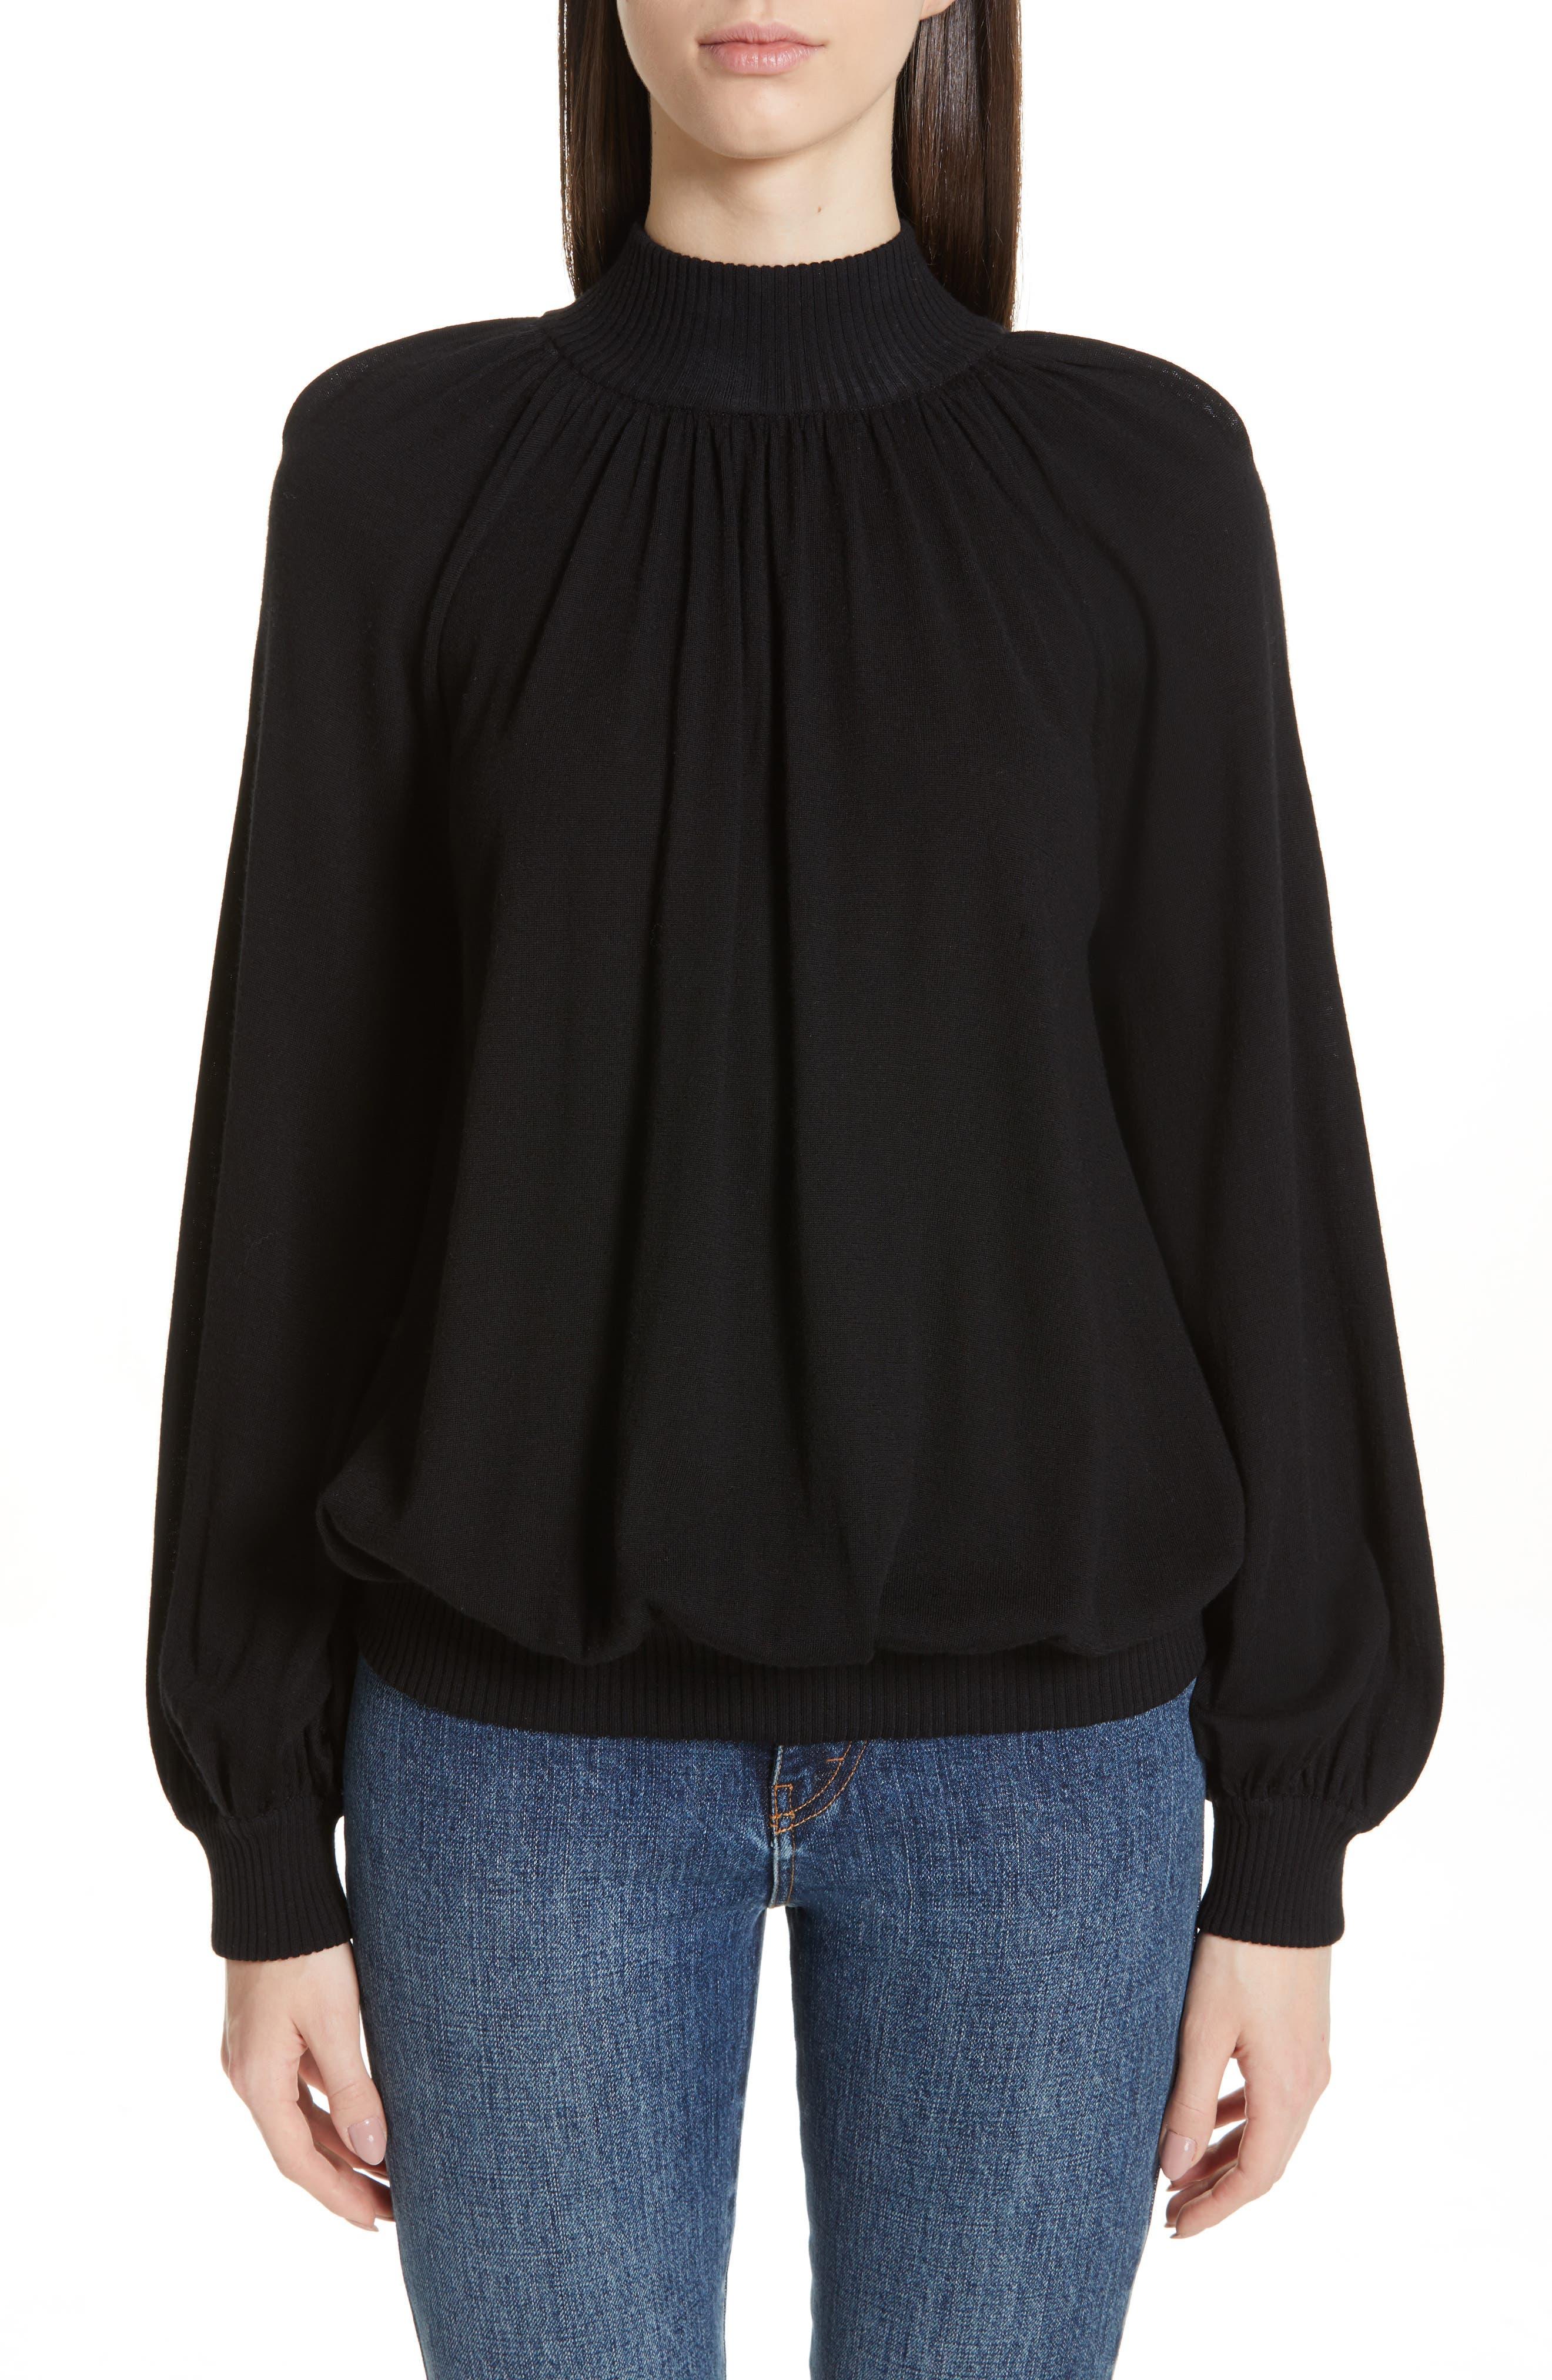 CO, Cashmere High Neck Blouson Sweater, Main thumbnail 1, color, BLACK